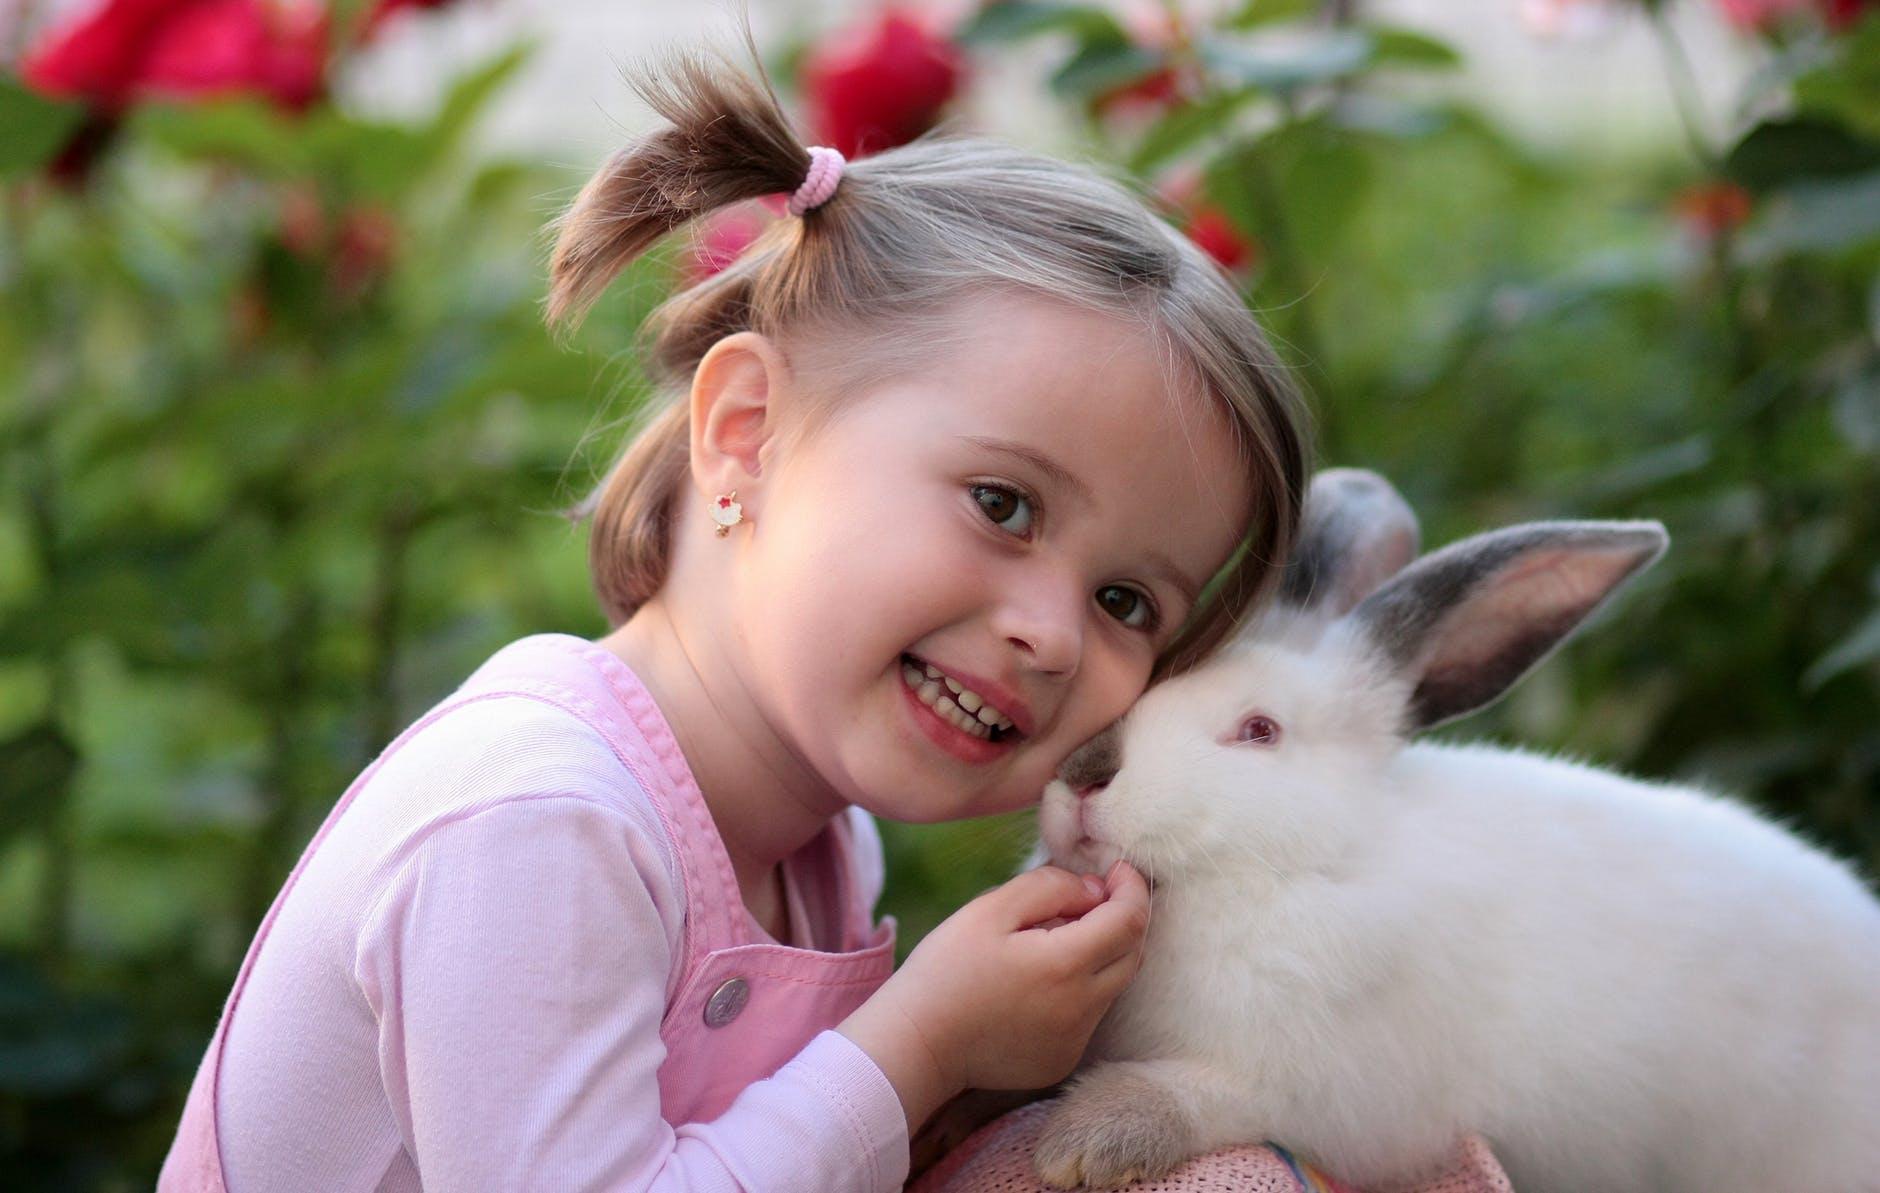 Коли проколювати вуха дівчинці: протипоказання, гігієна та думка фахівців